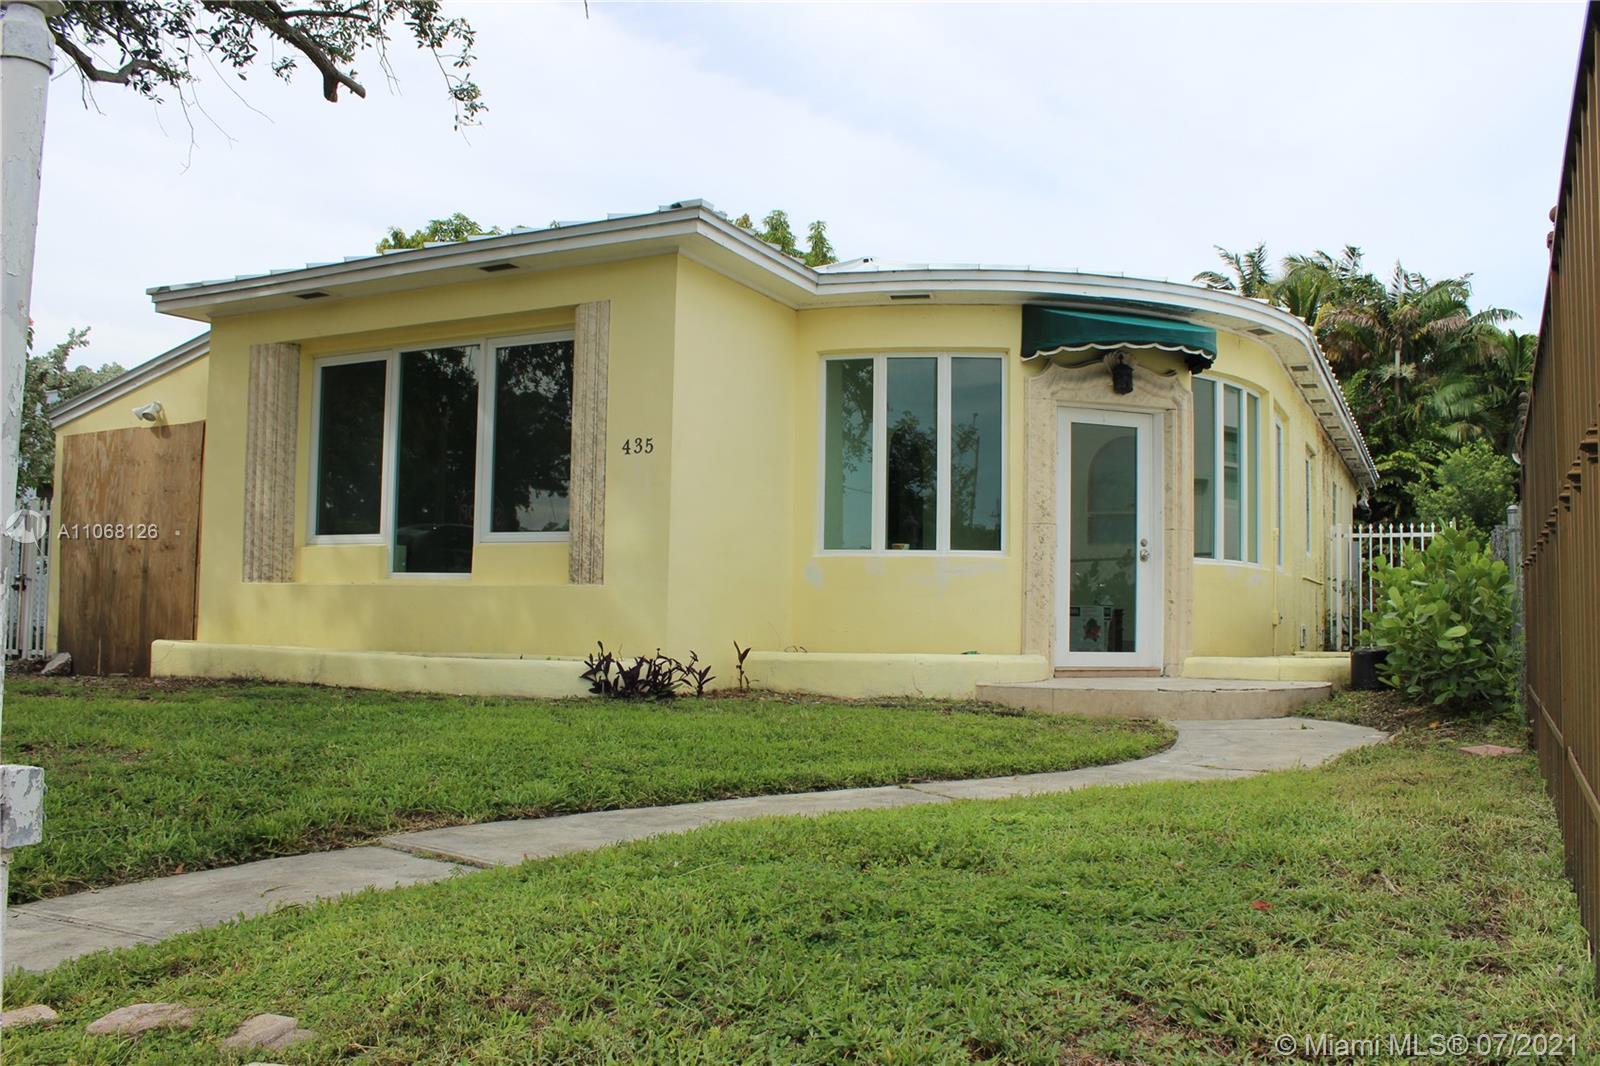 Brickell Estates - 435 SW 31st Rd, Miami, FL 33129